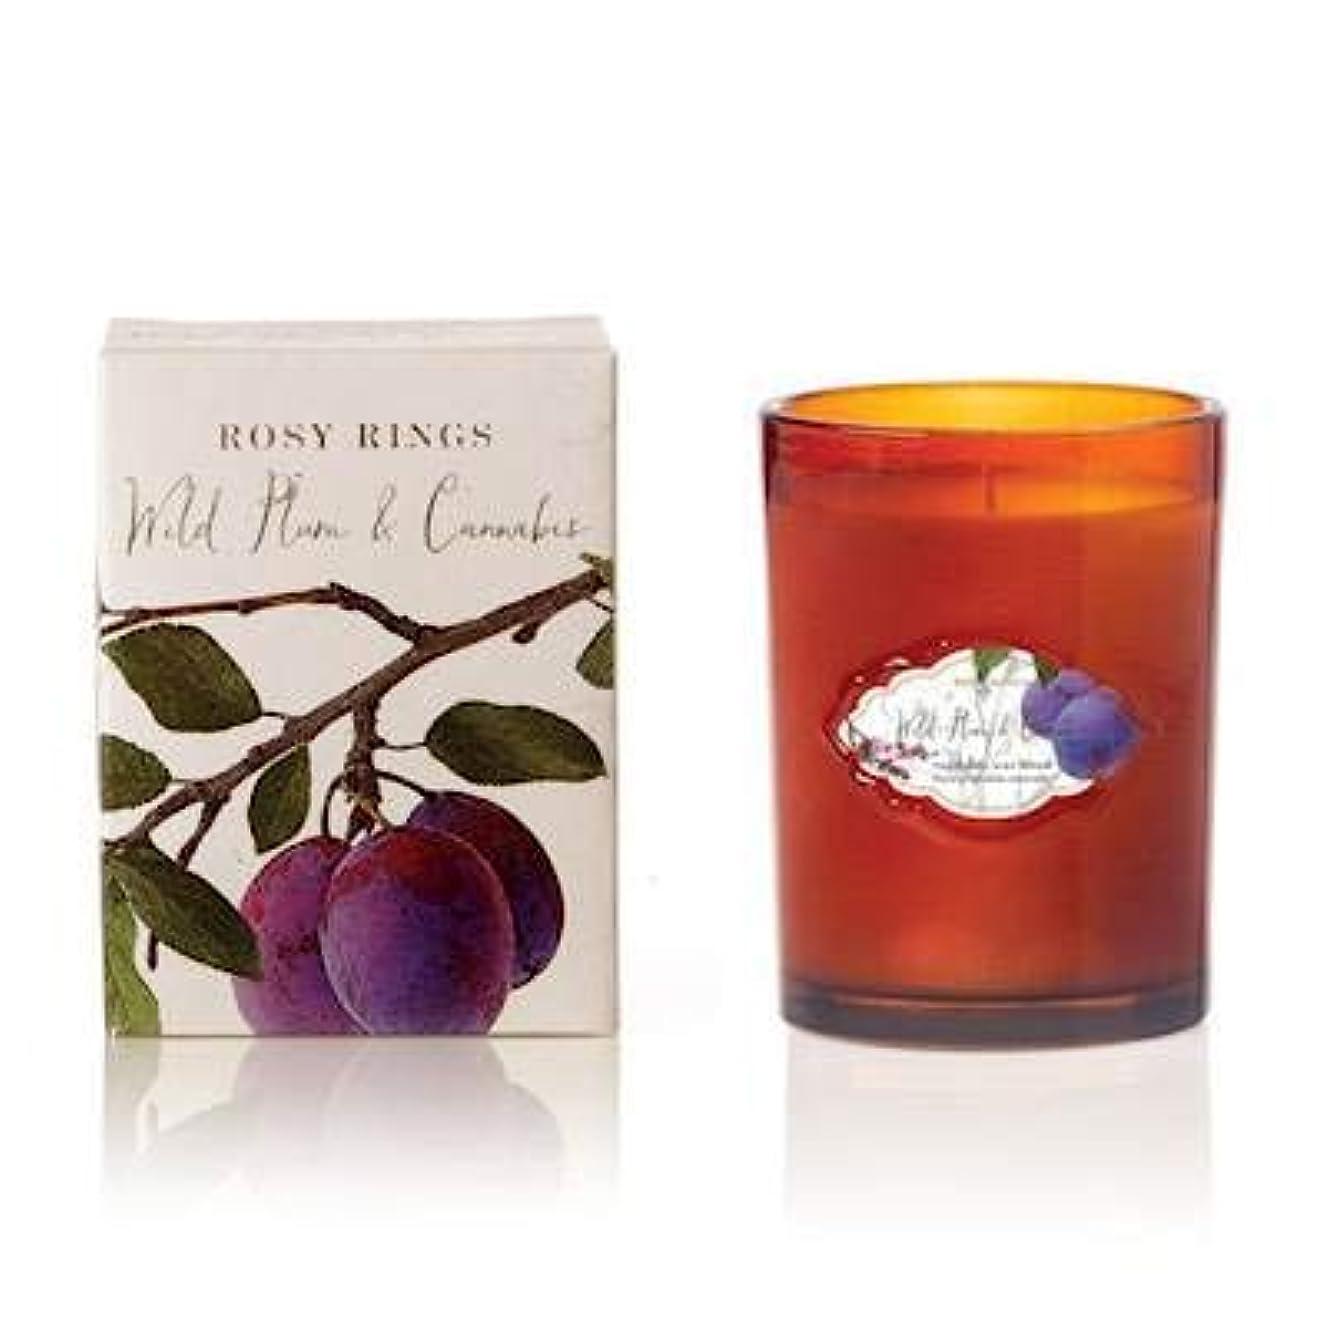 揃える活性化八百屋Rosy Rings Wild Plum and Cannabis 植物性 12オンス シグネチャーガラスジャーキャンドル